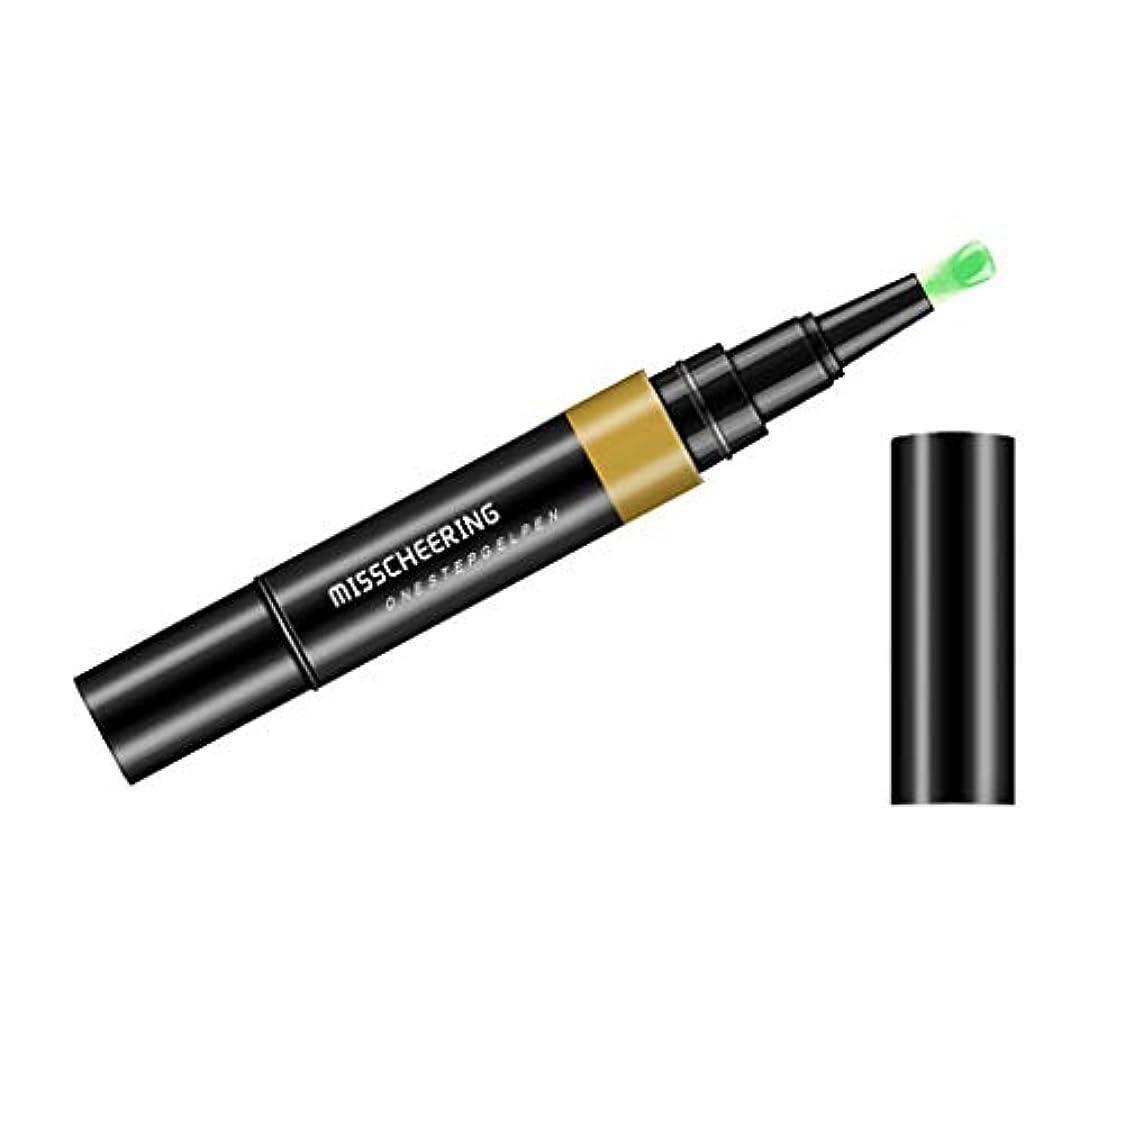 見通し転用教えるカラーネイルペン 3Dネイルペン ネイルアートペン ジェル マニキュアペン ペイントペン 3 in 1 多色 - グリーン